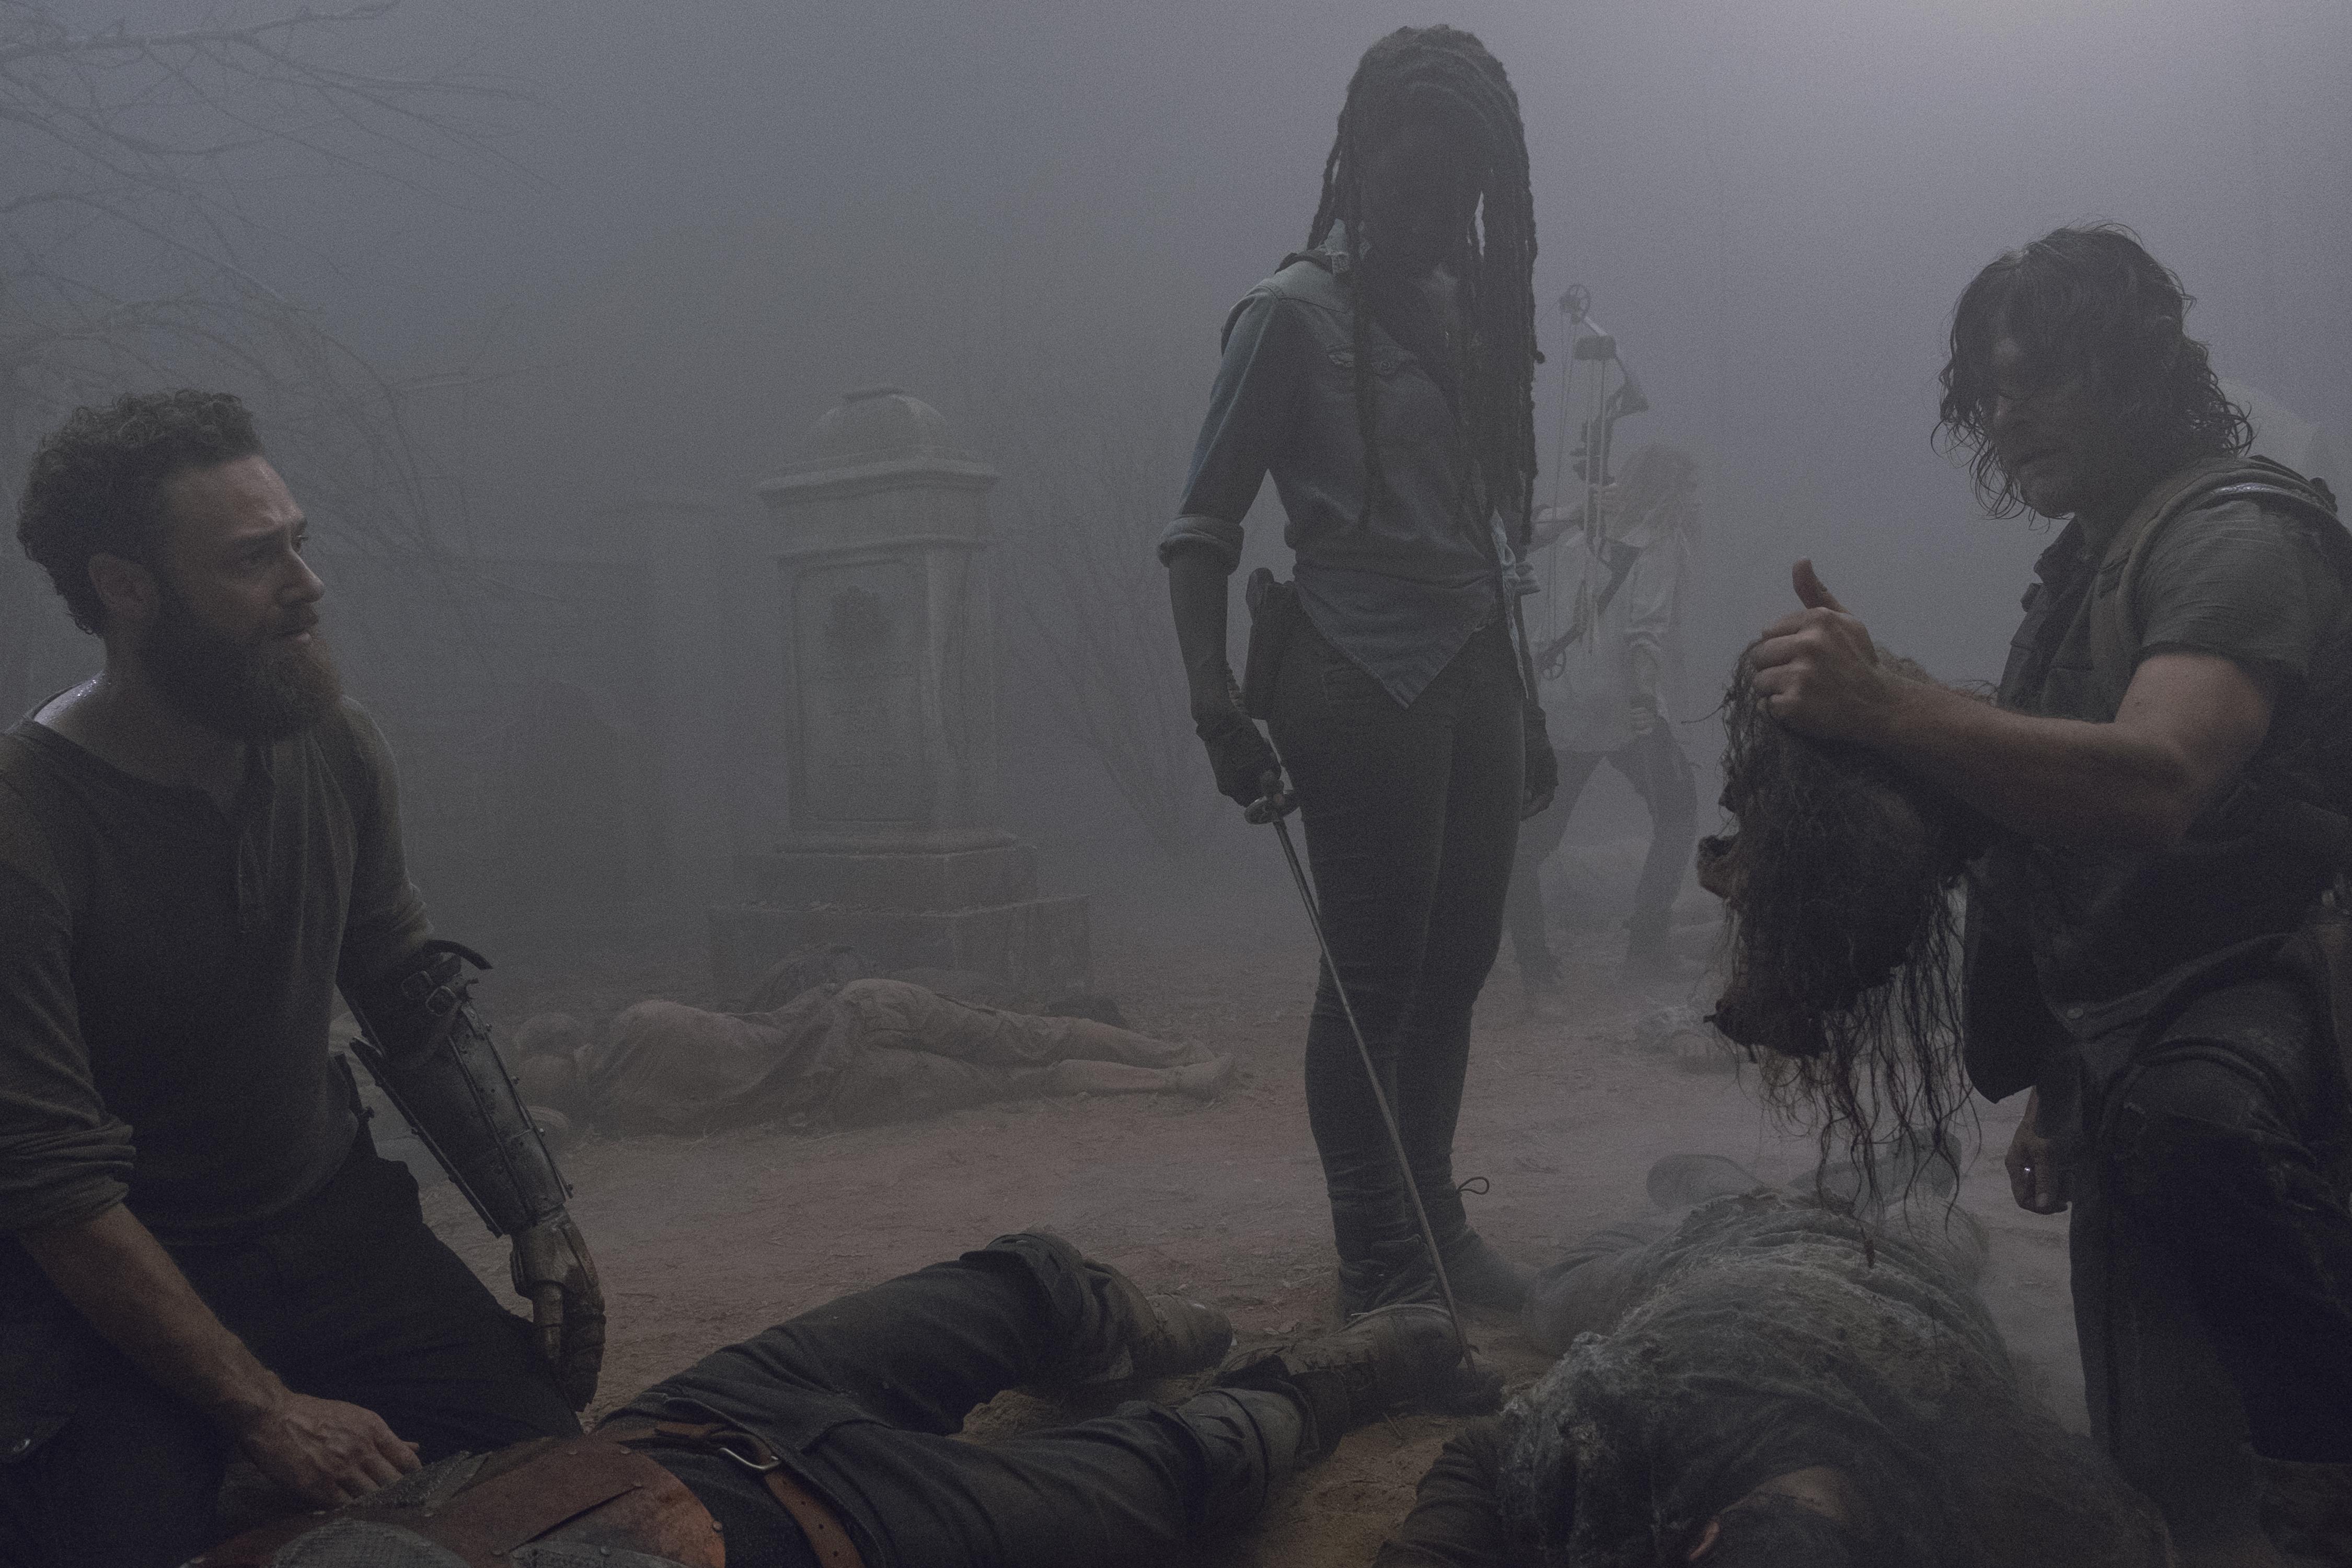 Daryl Dixon (Norman Reedus), Michonne (Danai Gurira), Aaron (Ross Marquand) peinent à comprendre comment des marcheurs ont pu s'armer et tuer leur ami Paul 'Jesus' Rovia (Tom Payne) - The Walking Dead - Saison 9, Épisode 8 - Crédit photo : Gene Page/AMC